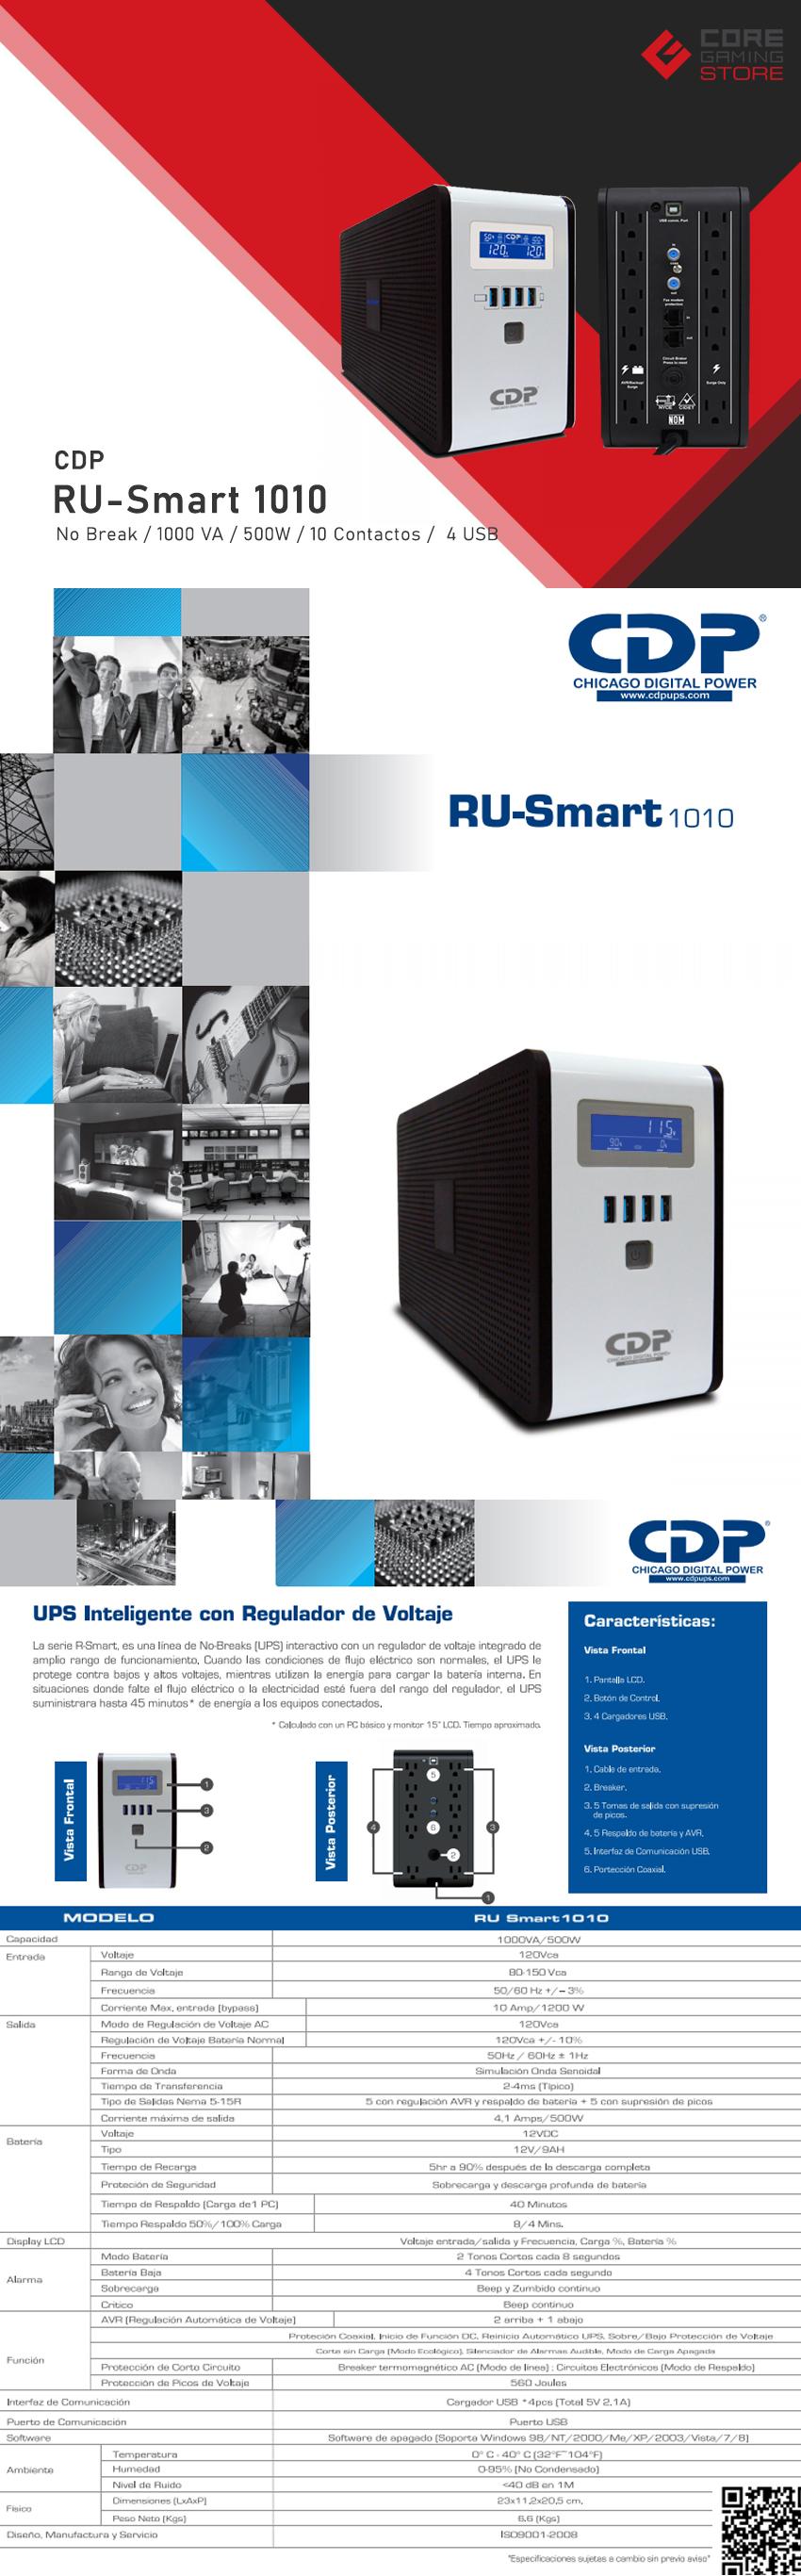 No-Break CDP, RU-Smart 1010, 1000VA, 500W, 10 Contactos, 4 USB, UPS